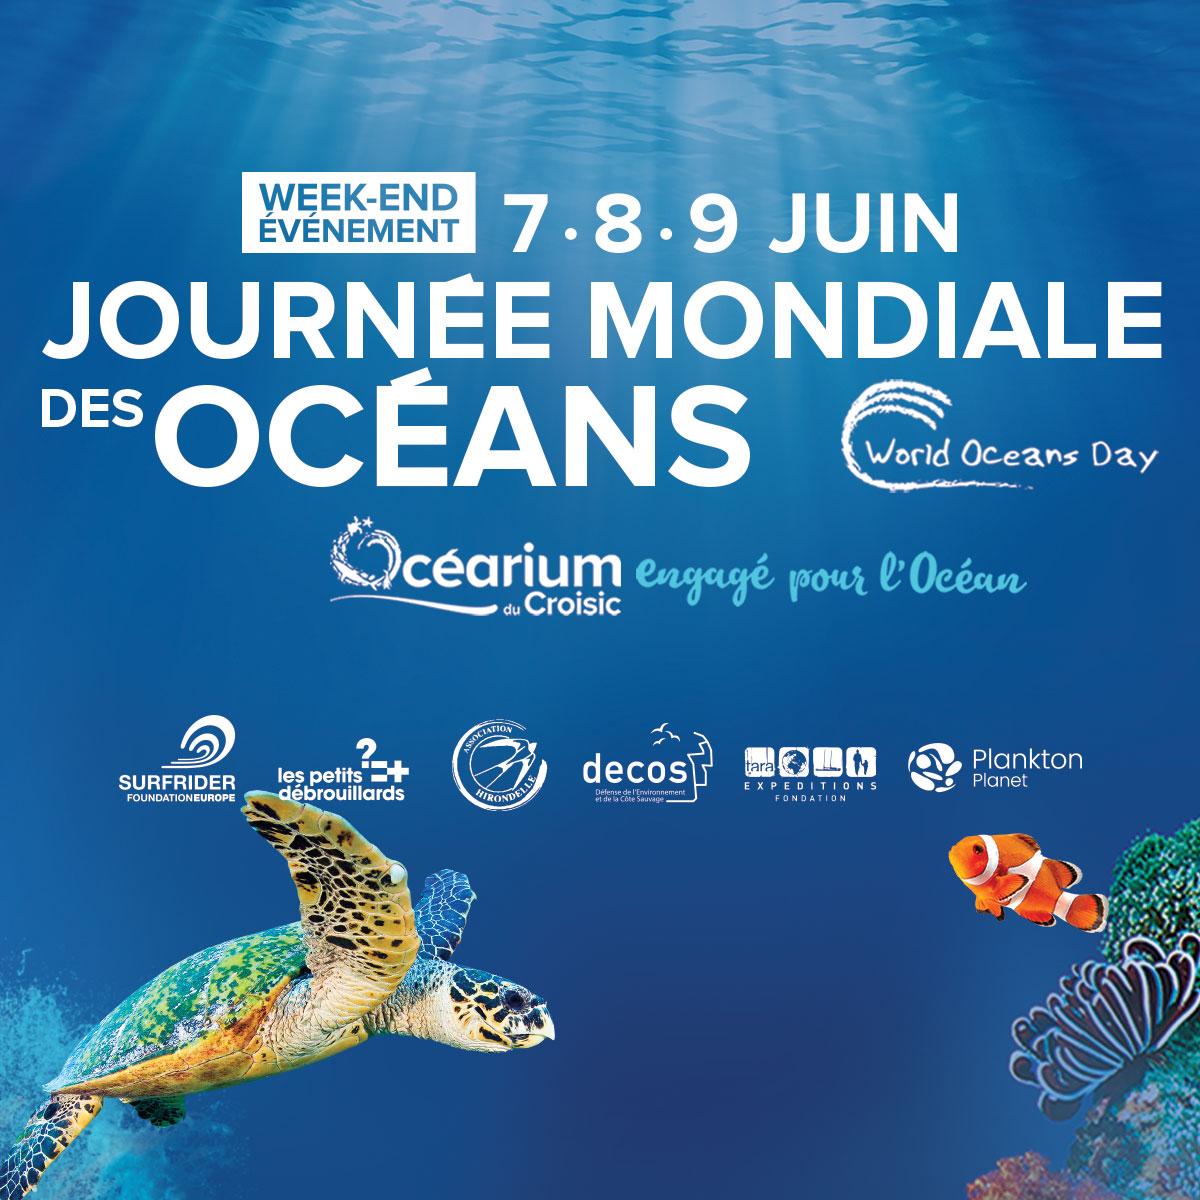 Visuel JMO Ocearium du Croisic